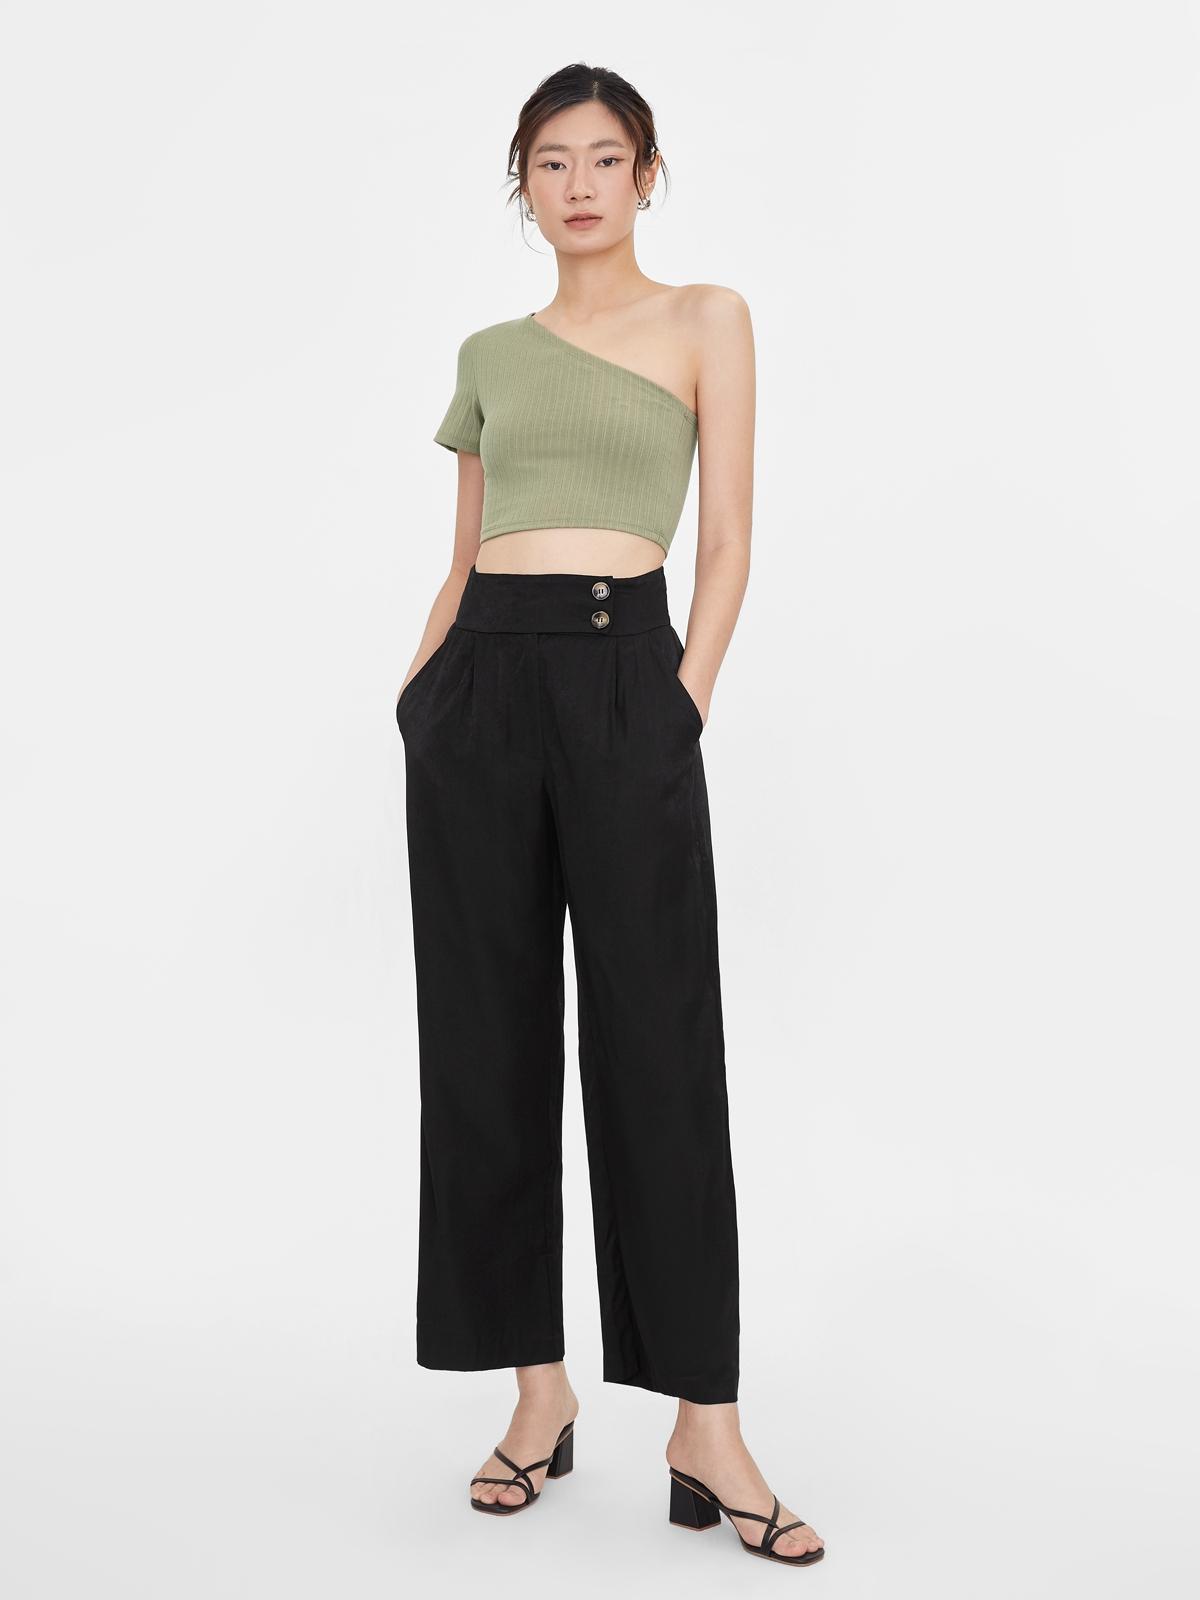 One Shoulder Crop Top Green